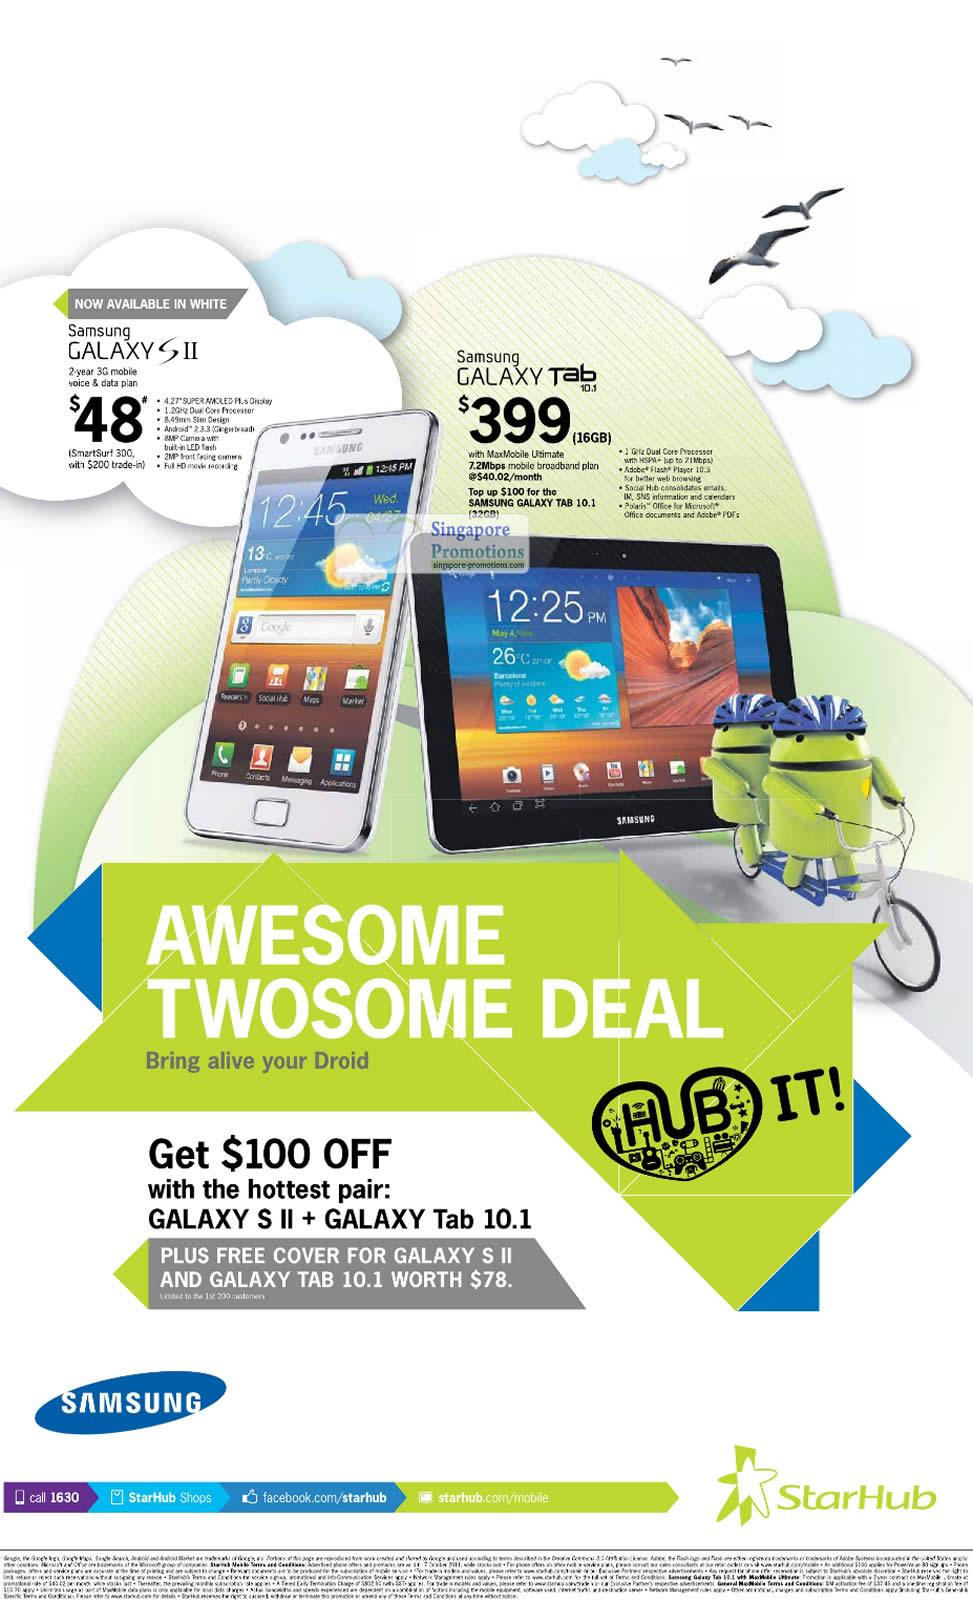 Samsung Galaxy S II White, Samsung Galaxy Tab 10.1, Pair Deal